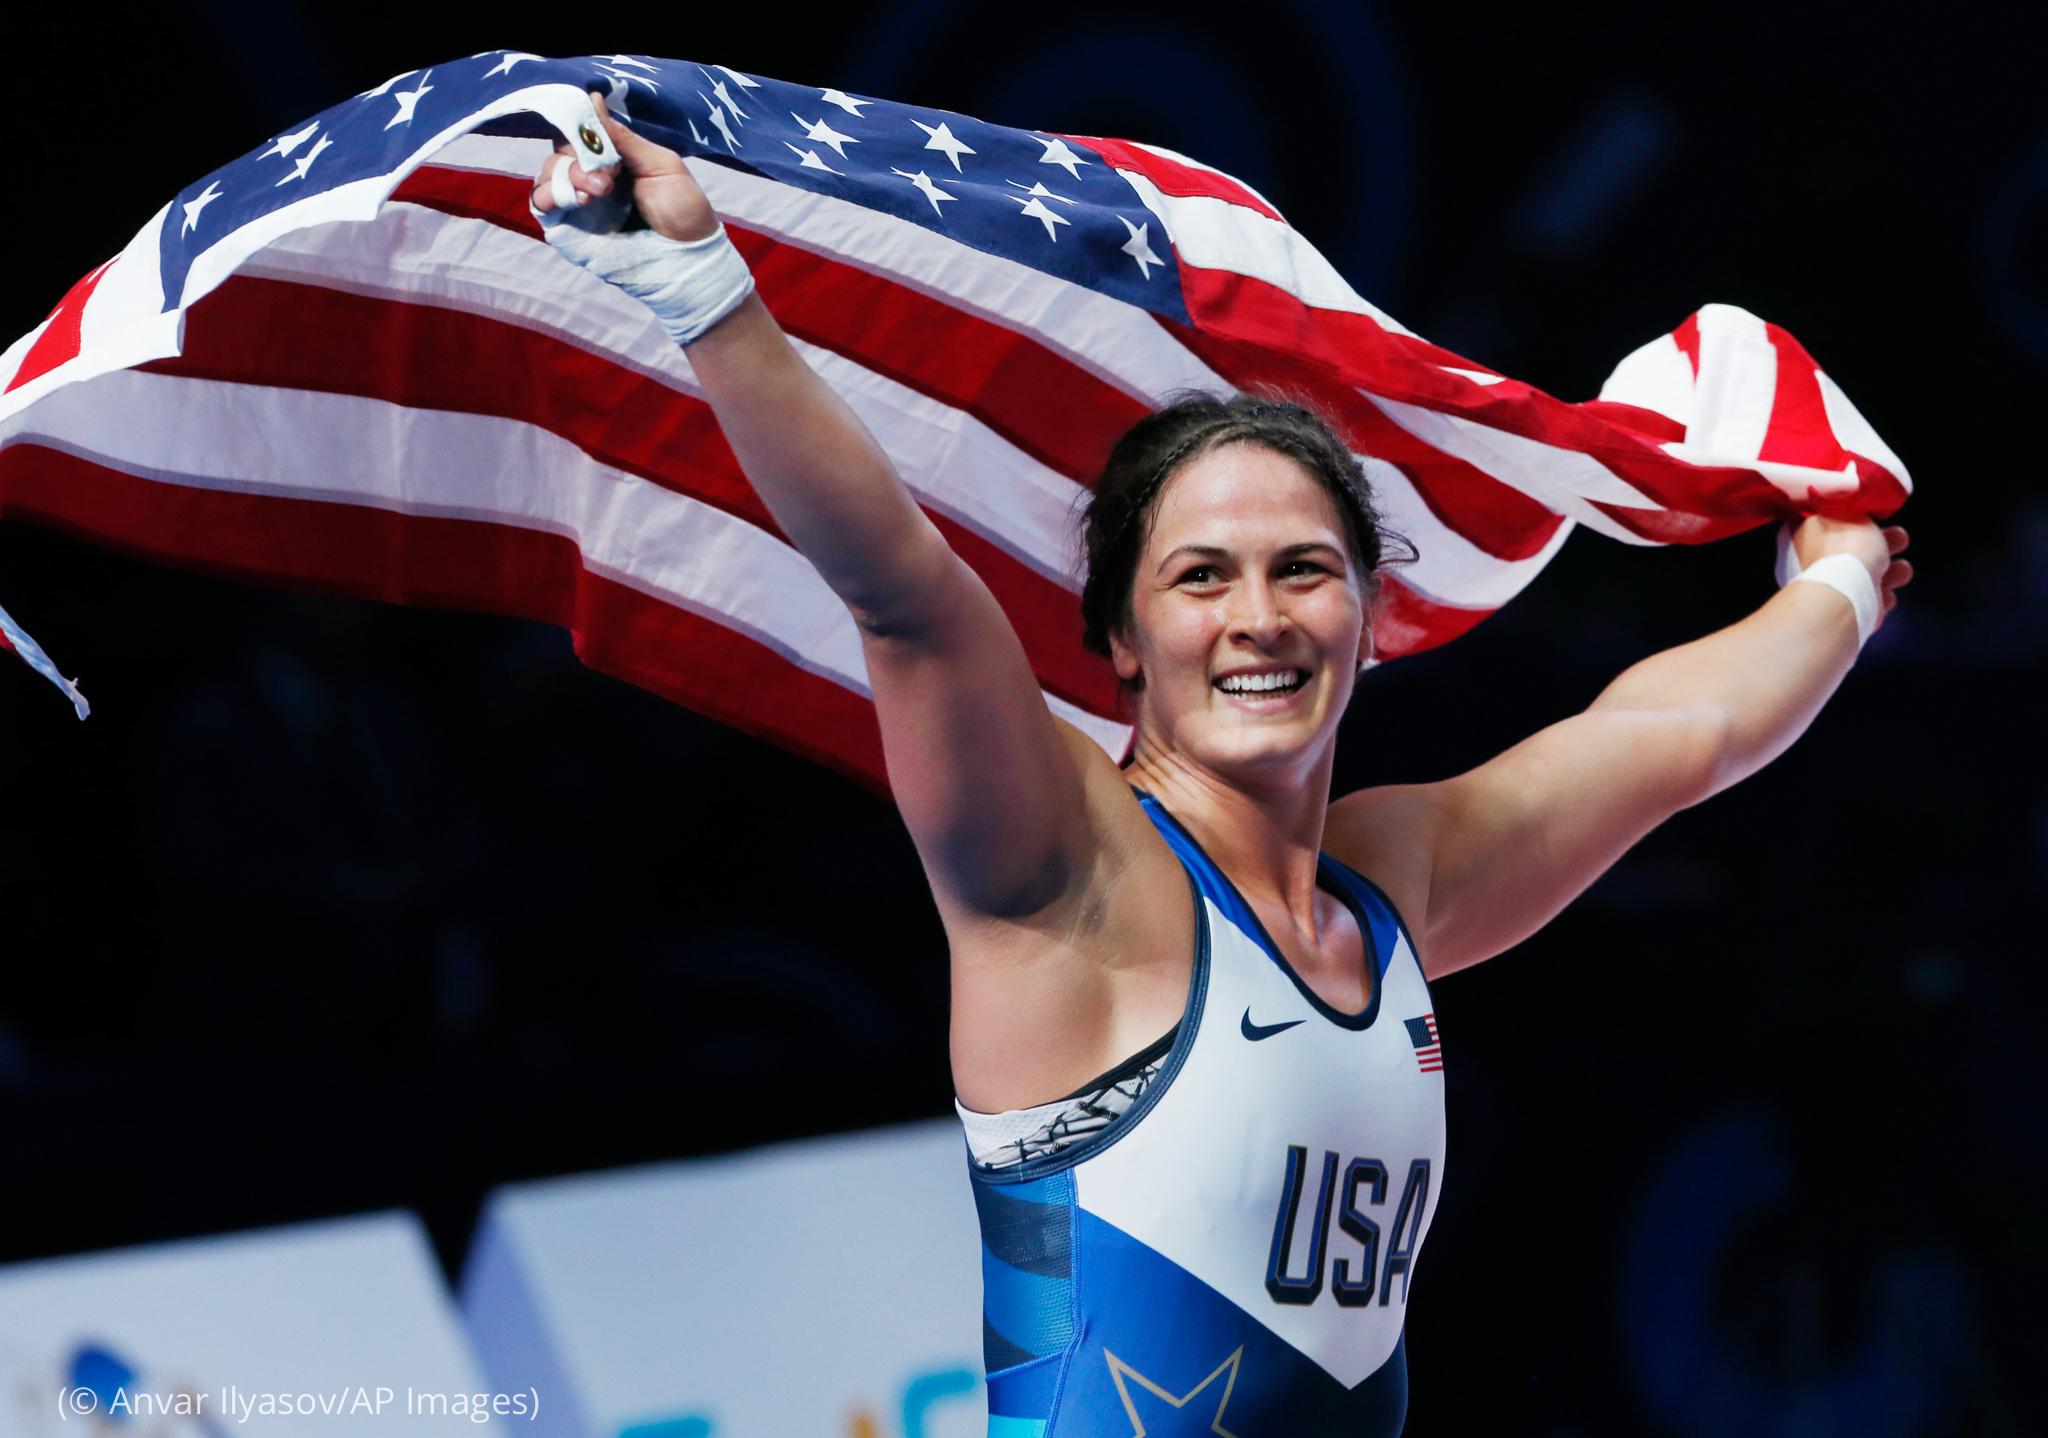 Mujer sonriendo y sosteniendo la bandera de Estados Unidos (© Anvar Ilyasov/AP Images)